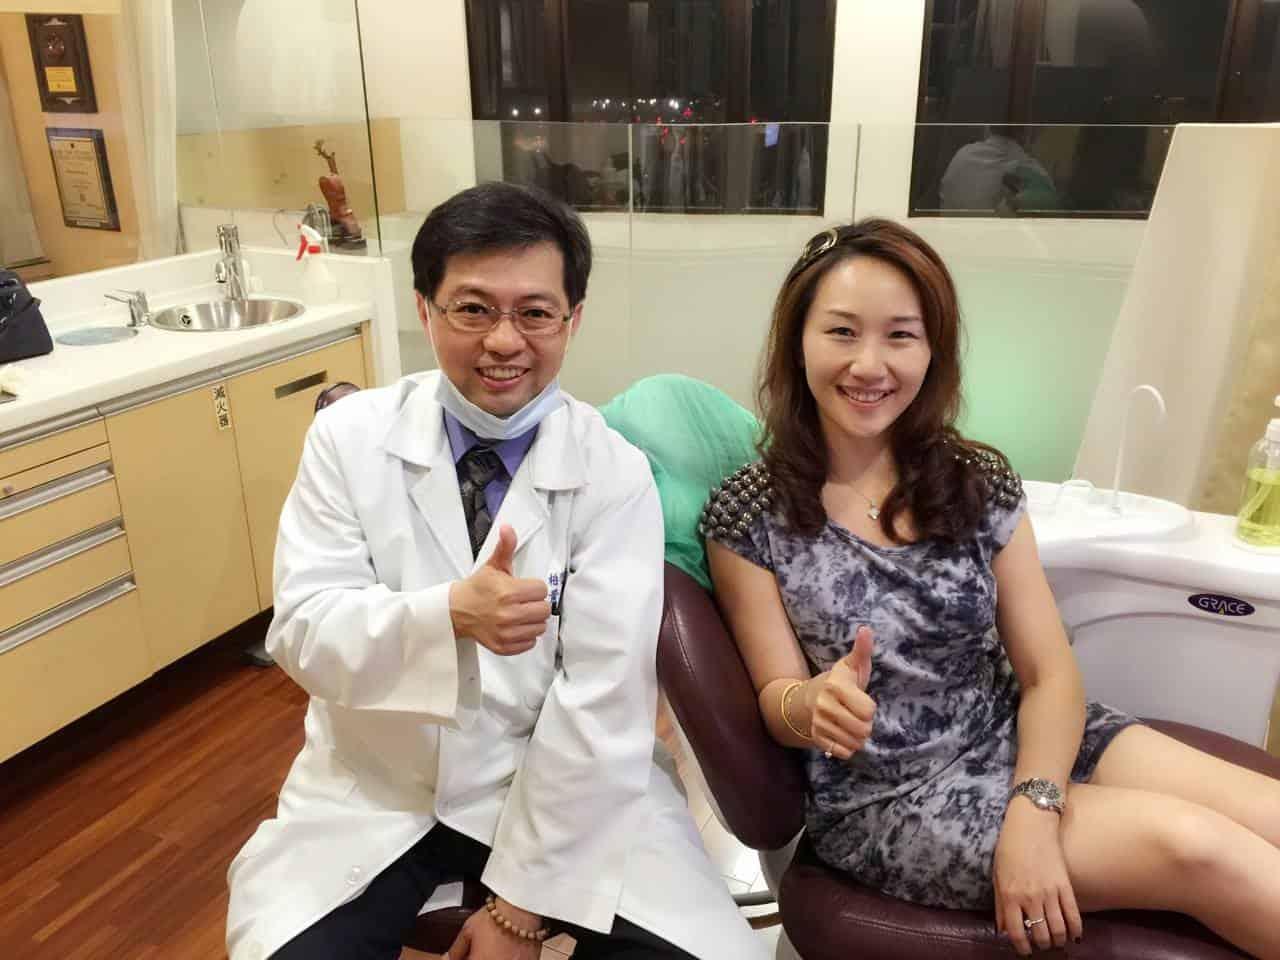 潘麗君的牙齒敏感,終於下定決心到眾多好友推薦的柏登牙醫診所,做「口腔健檢SPA」3